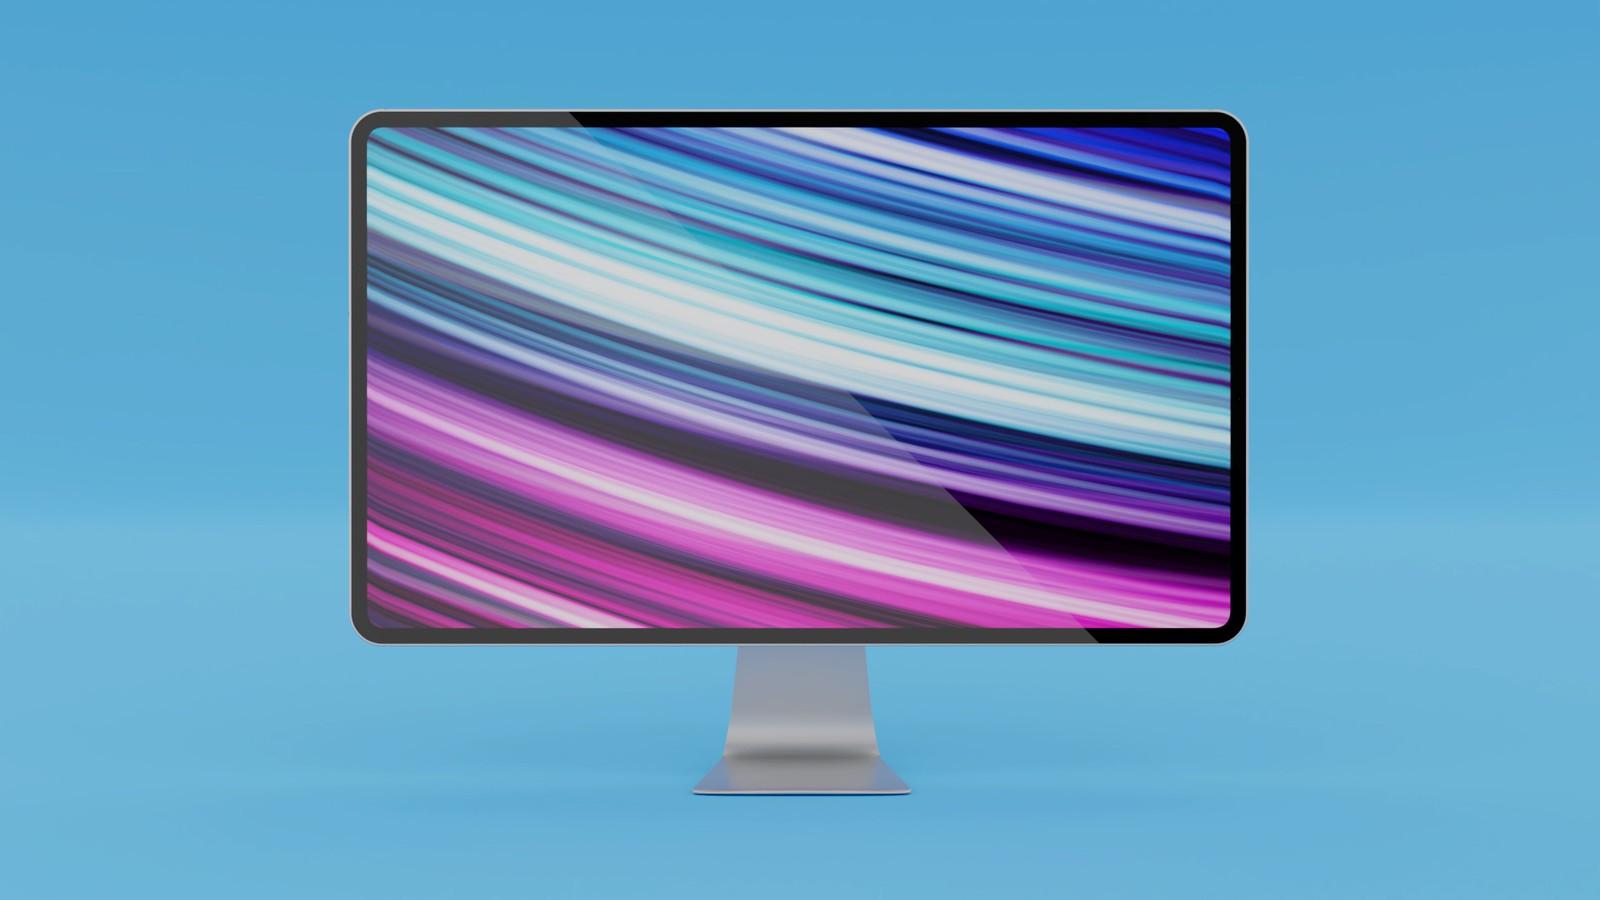 Слух: в первом полугодии 2021 года выйдет iMac на ARM-процессоре A14T